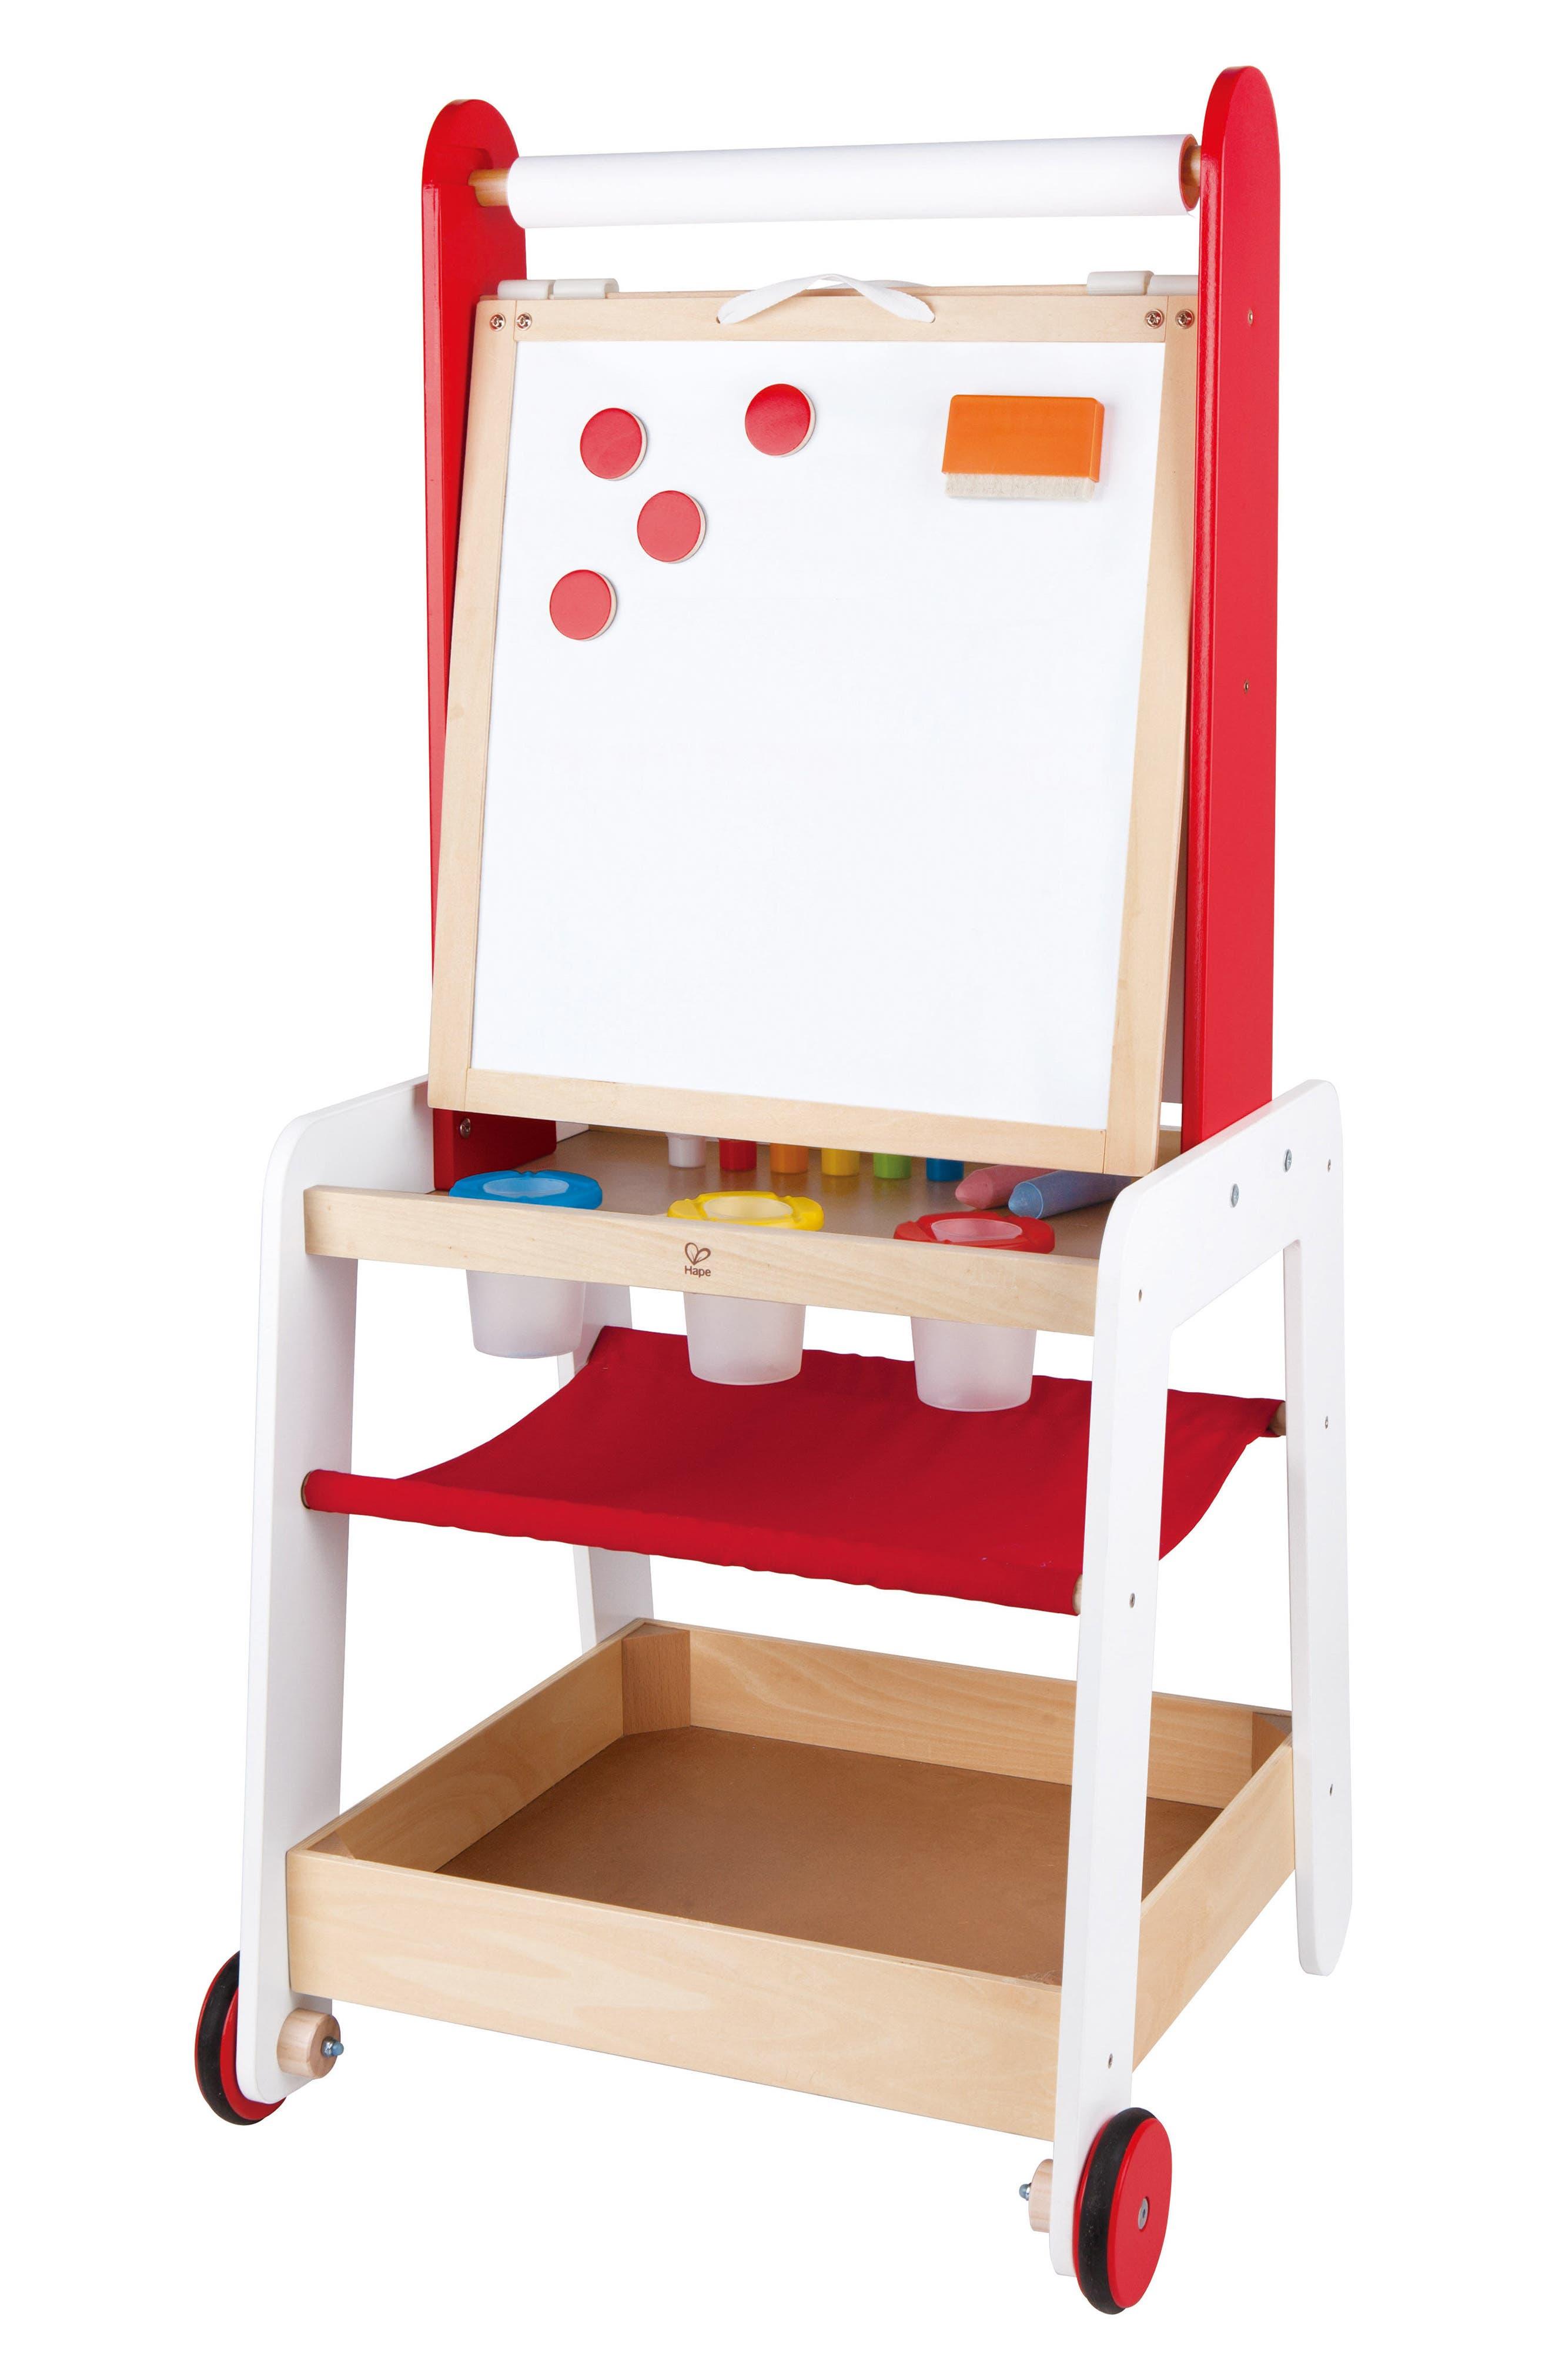 Hape Kids Toy Shop